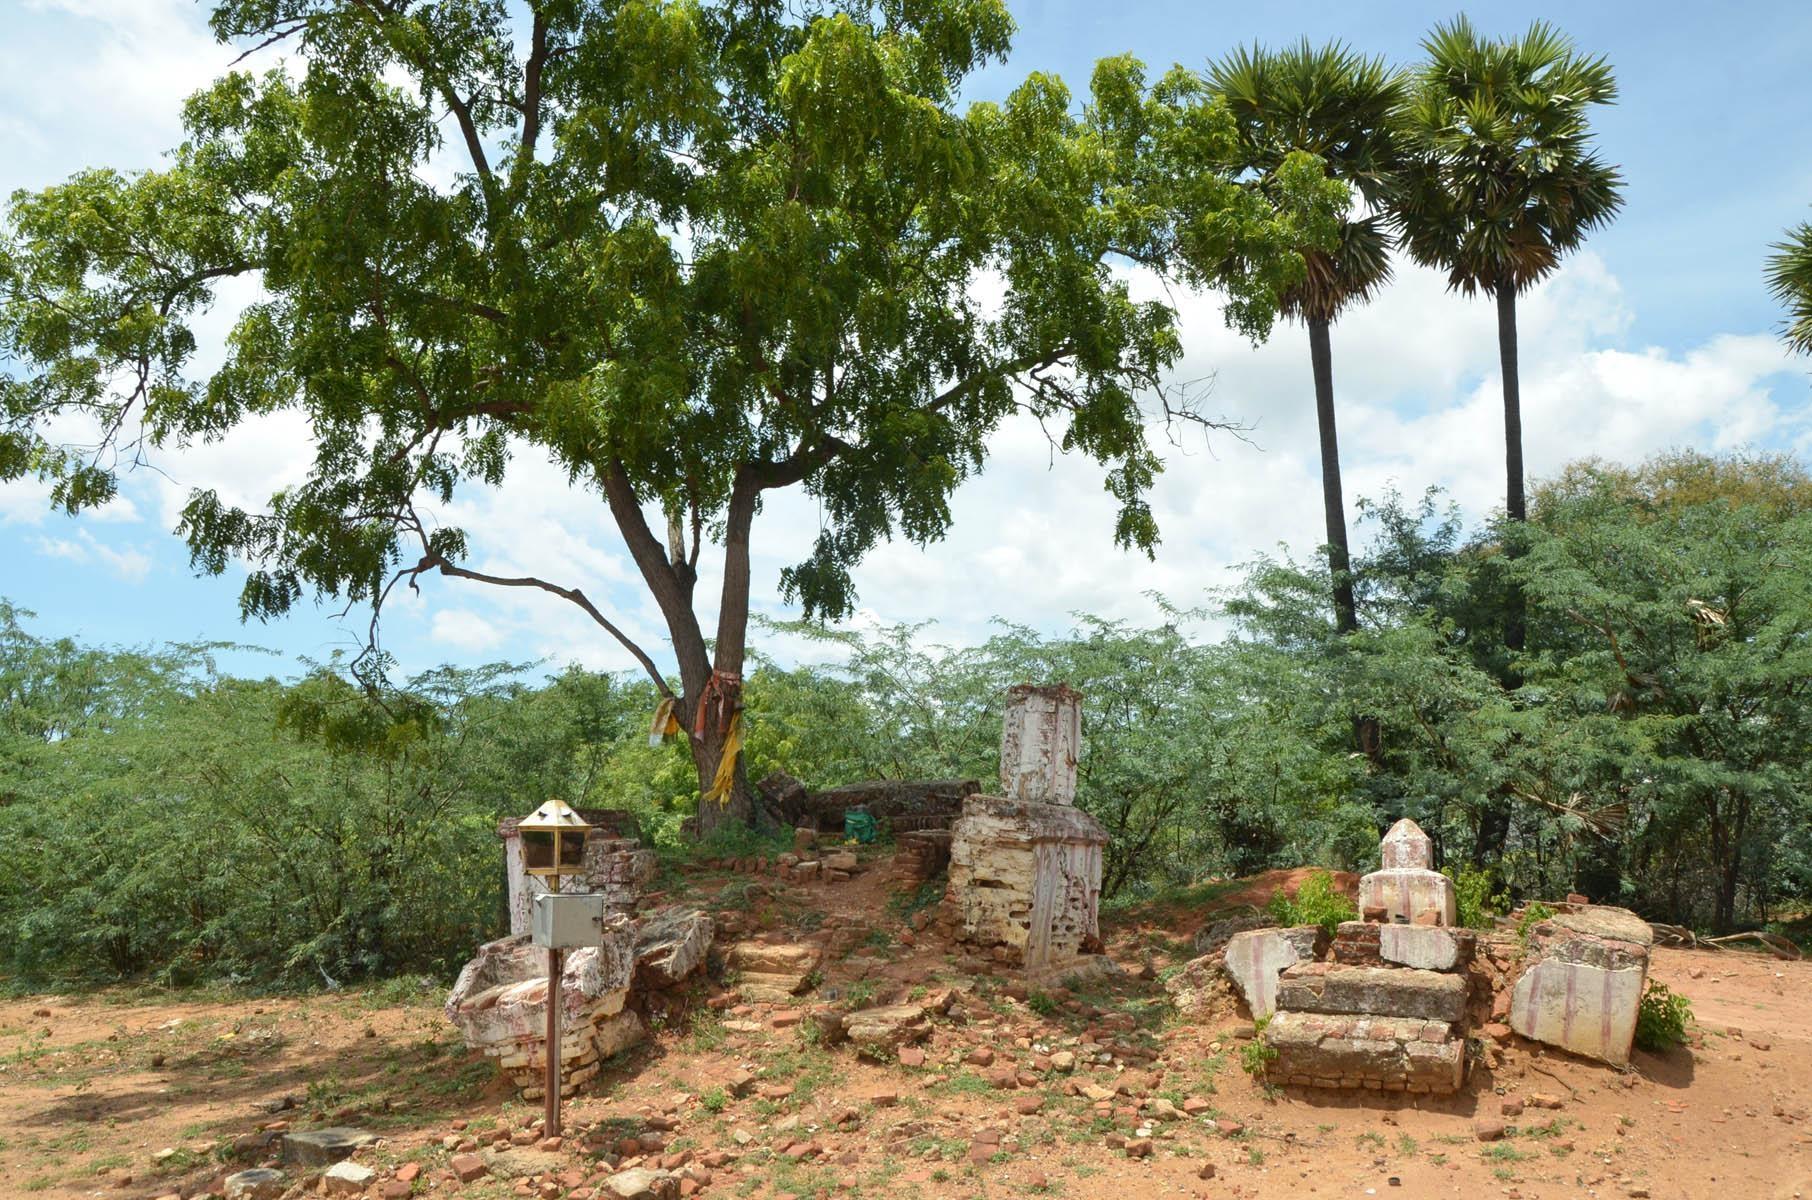 சிதிலமடைந்த தீப்பாய்ந்த அம்மன் கோயில்